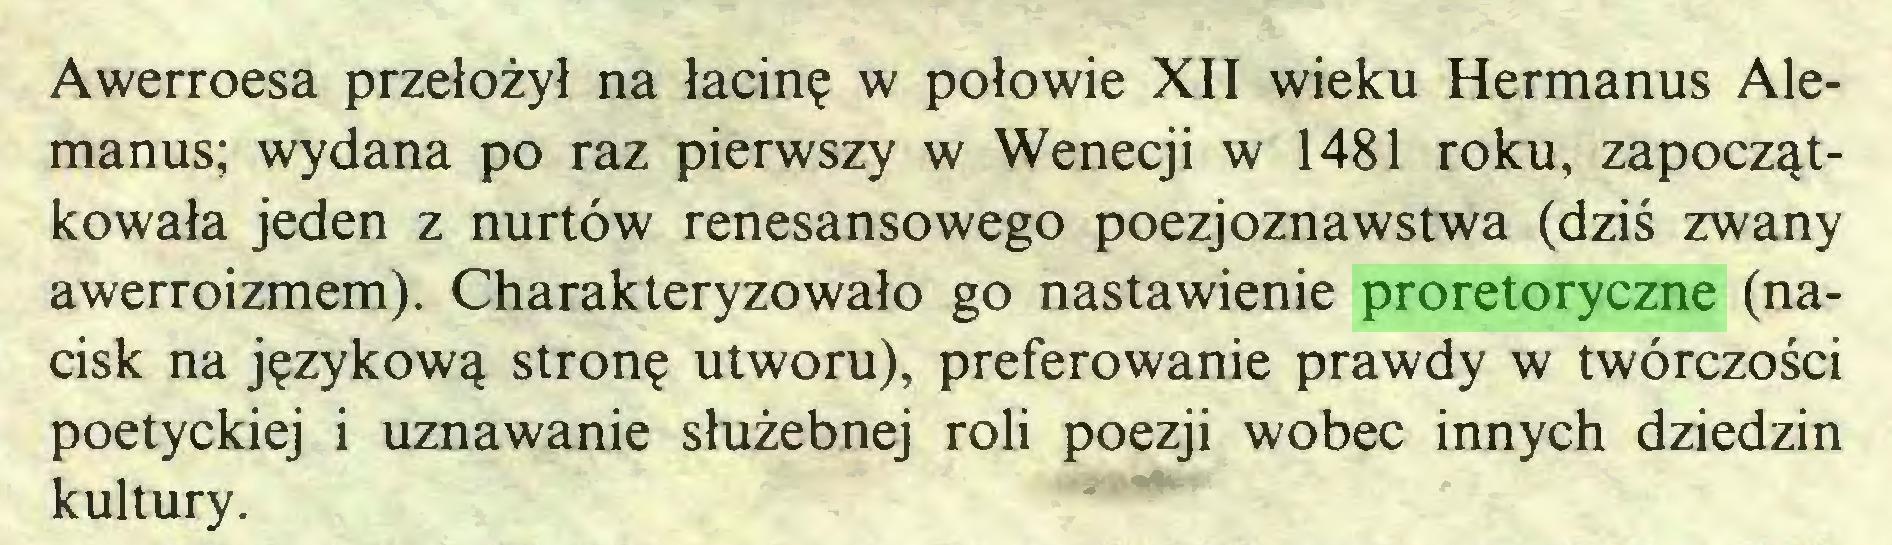 (...) Awerroesa przełożył na łacinę w połowie XII wieku Hermanus Alemanus; wydana po raz pierwszy w Wenecji w 1481 roku, zapoczątkowała jeden z nurtów renesansowego poezjoznawstwa (dziś zwany awerroizmem). Charakteryzowało go nastawienie proretoryczne (nacisk na językową stronę utworu), preferowanie prawdy w twórczości poetyckiej i uznawanie służebnej roli poezji wobec innych dziedzin kultury...